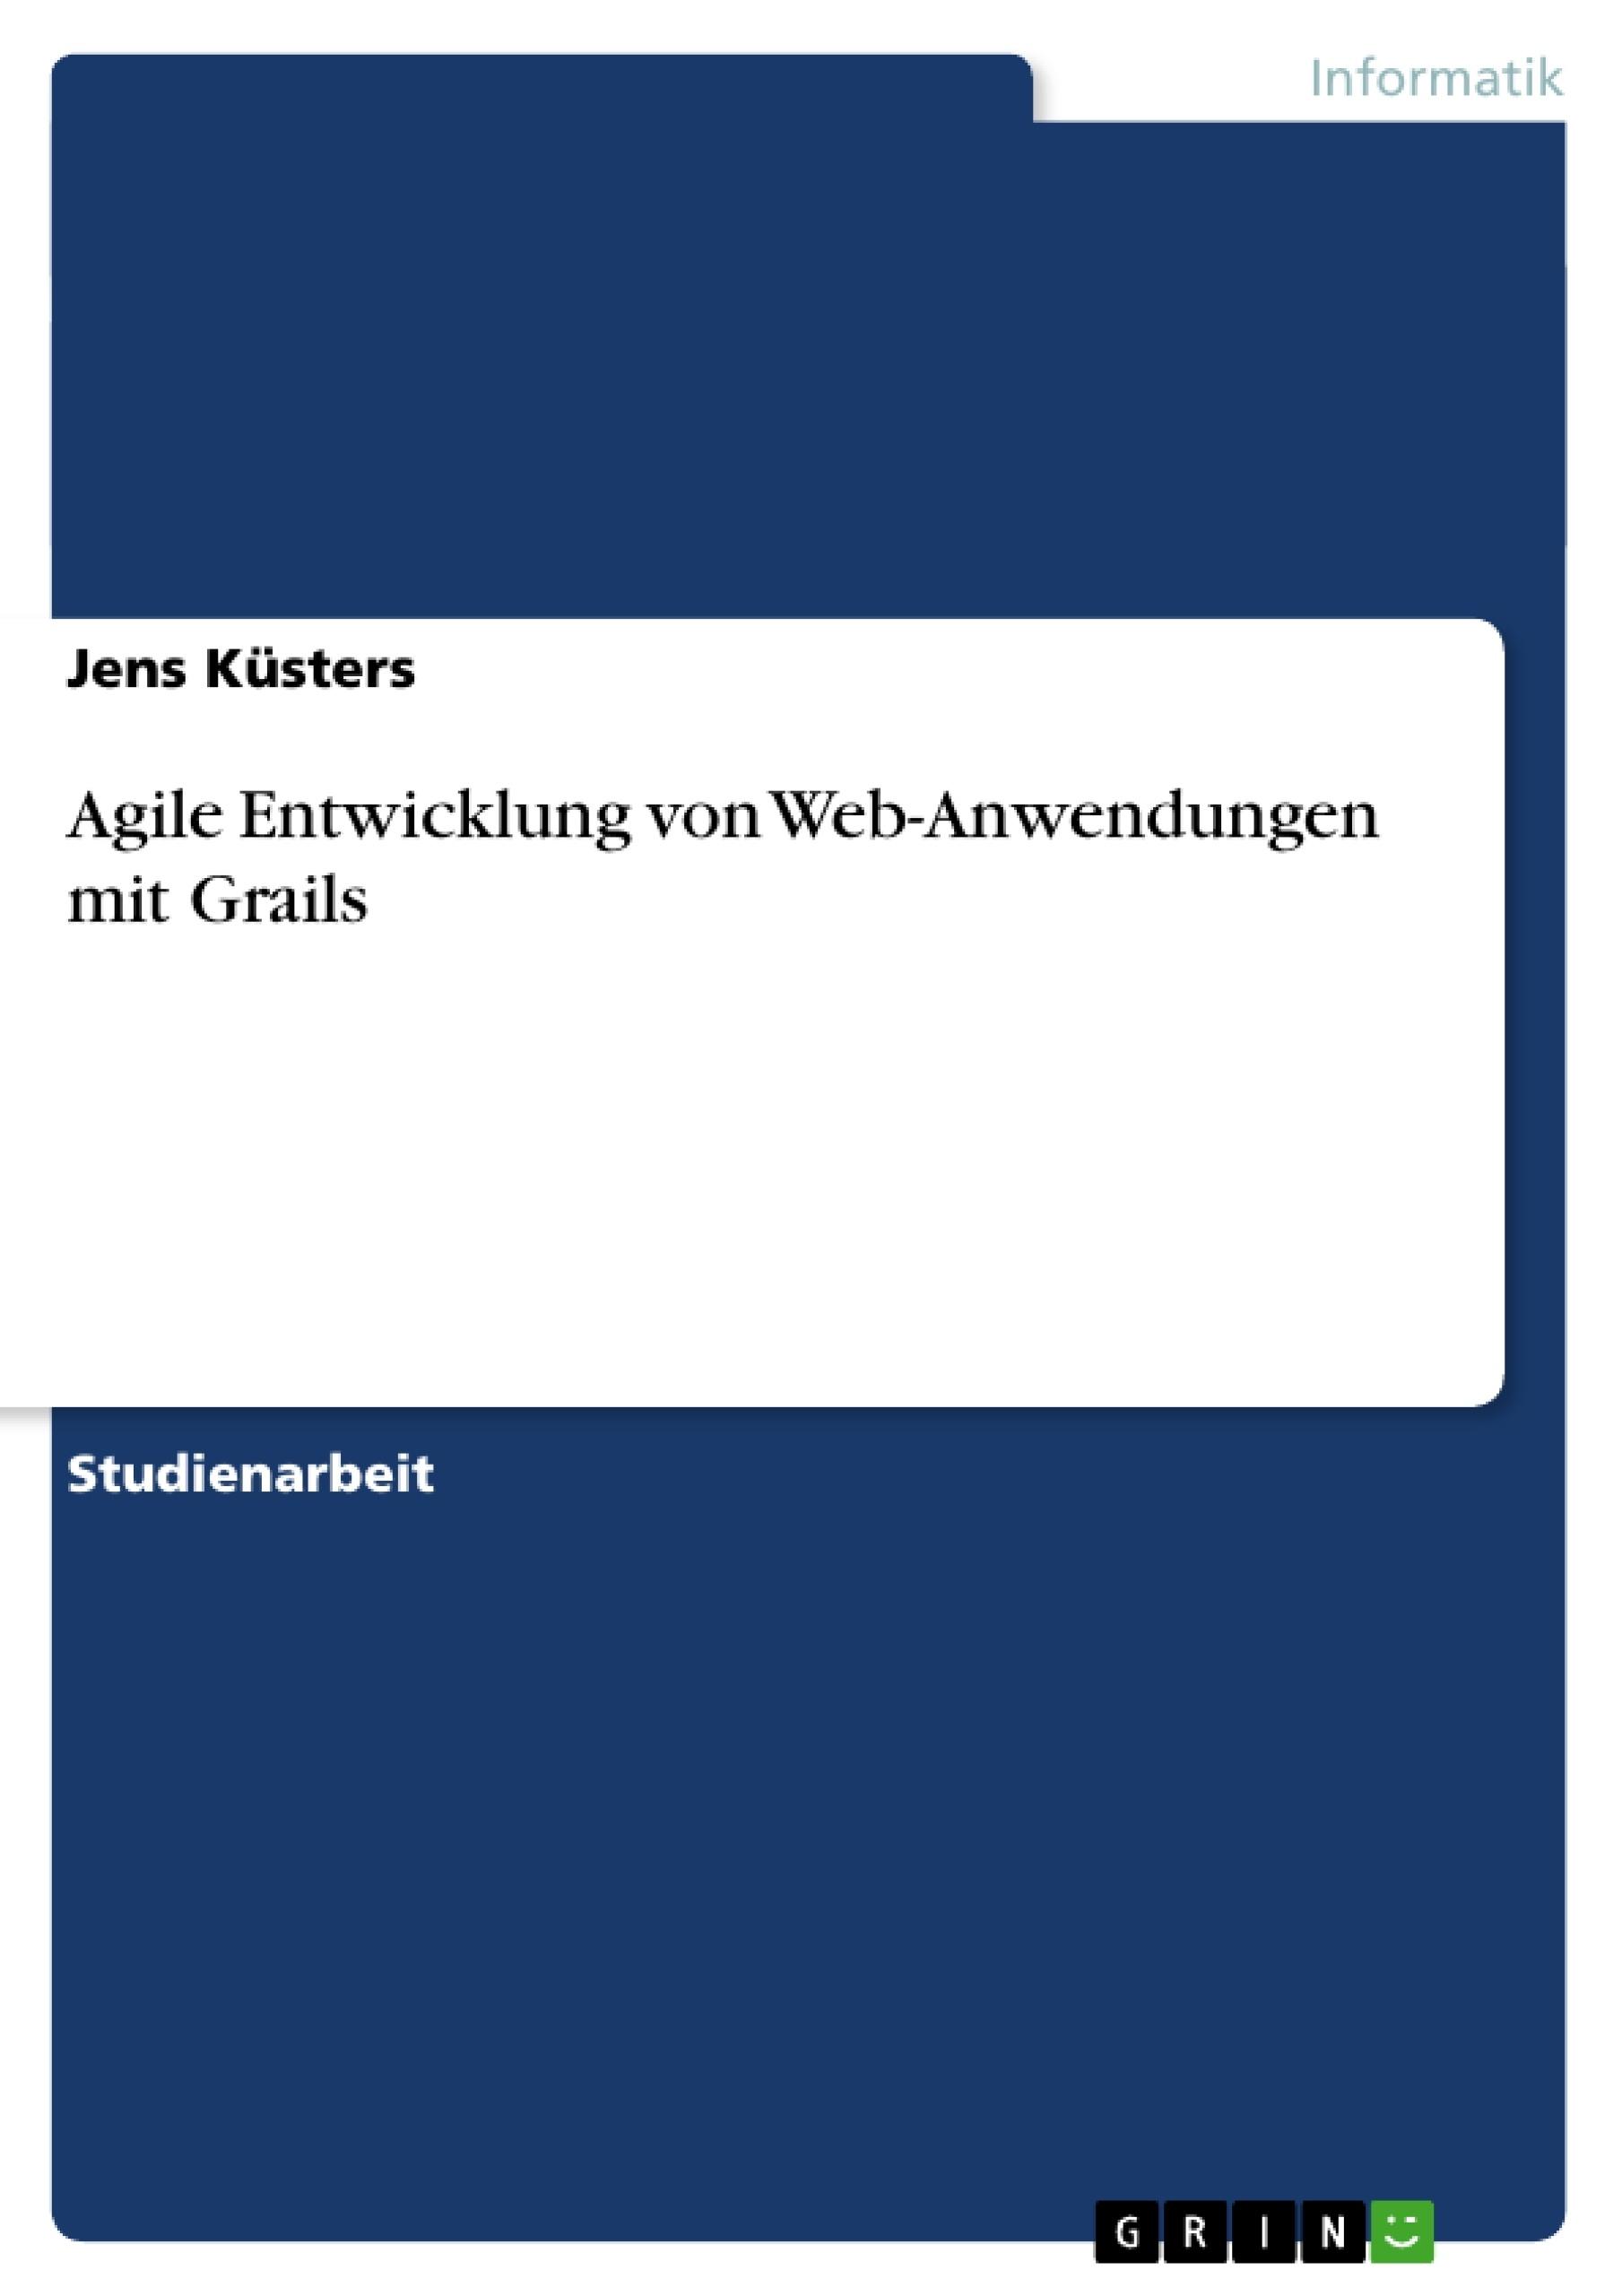 Titel: Agile Entwicklung von Web-Anwendungen mit Grails